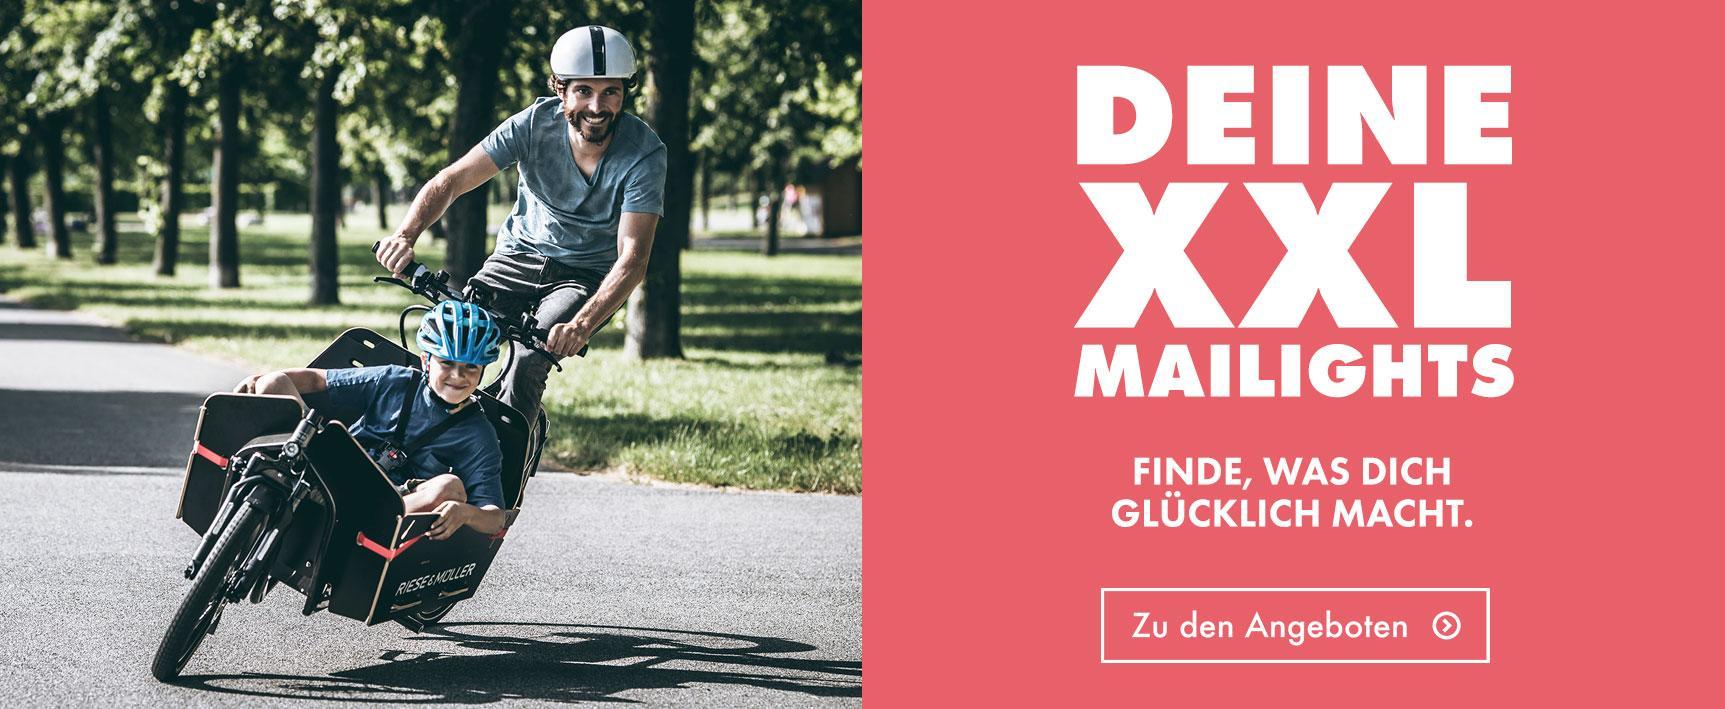 Fahrrad Xxl Franz Griesheim Fahrrad Bilder Sammlung